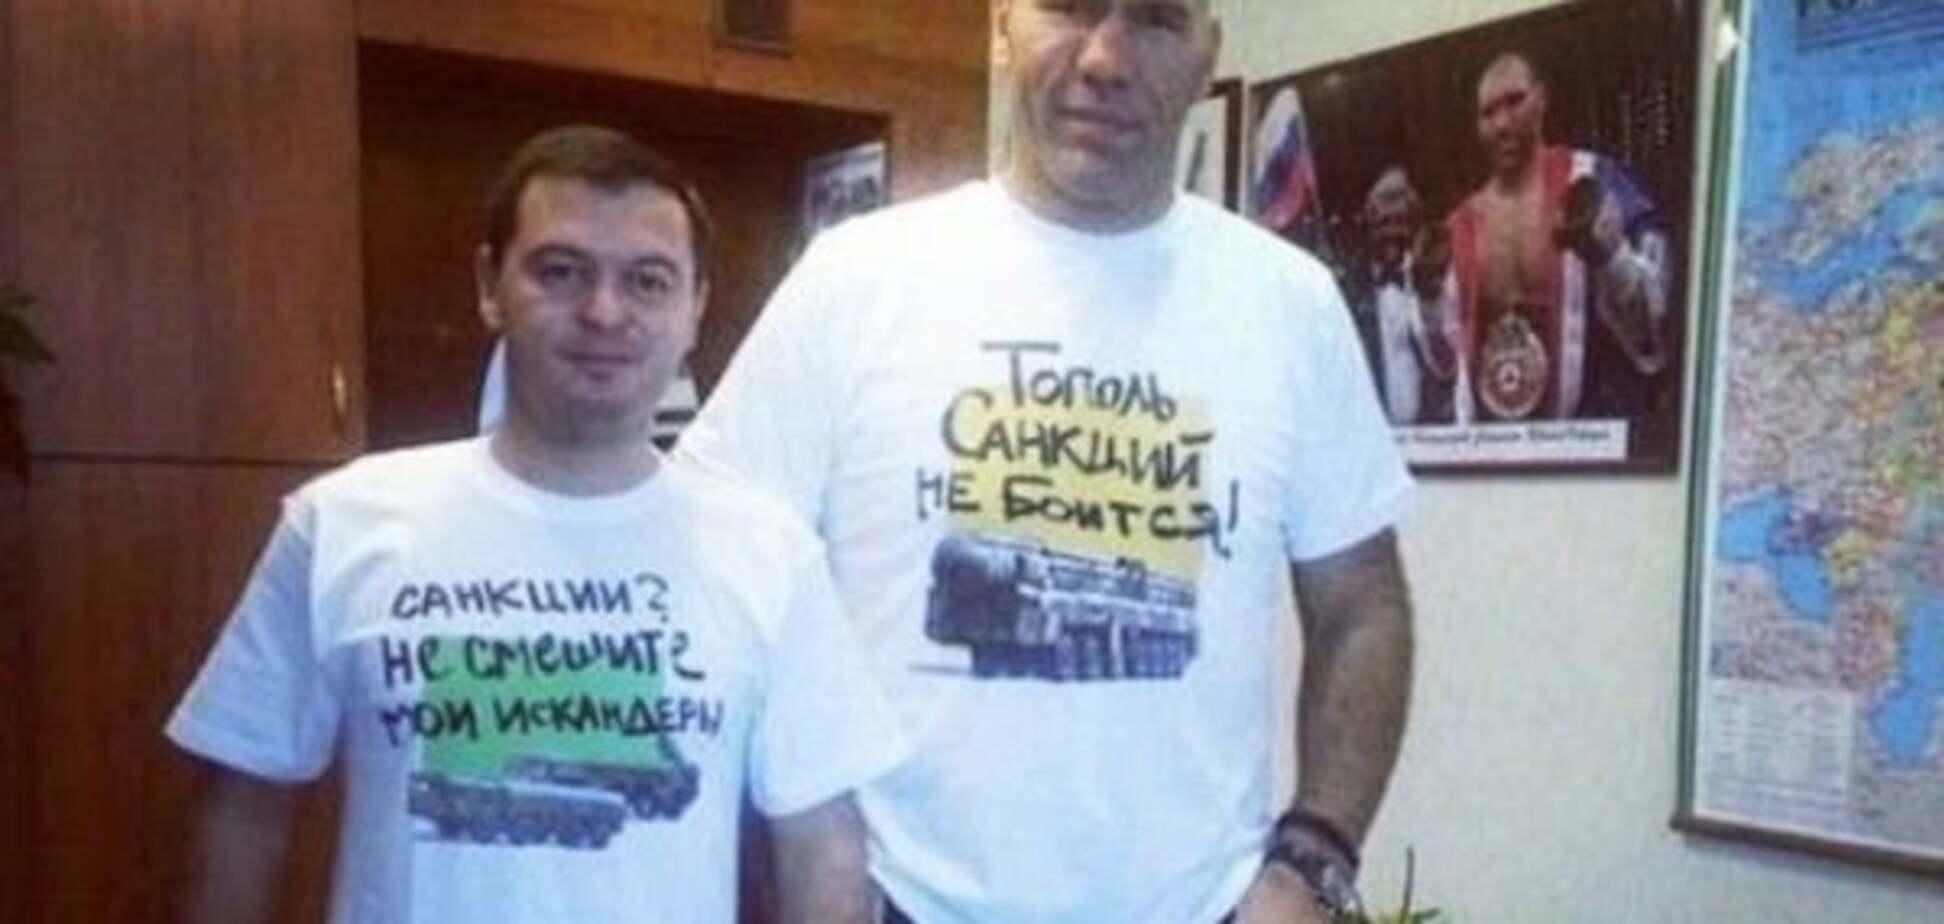 Российские 'искандеры' больше не смеются?